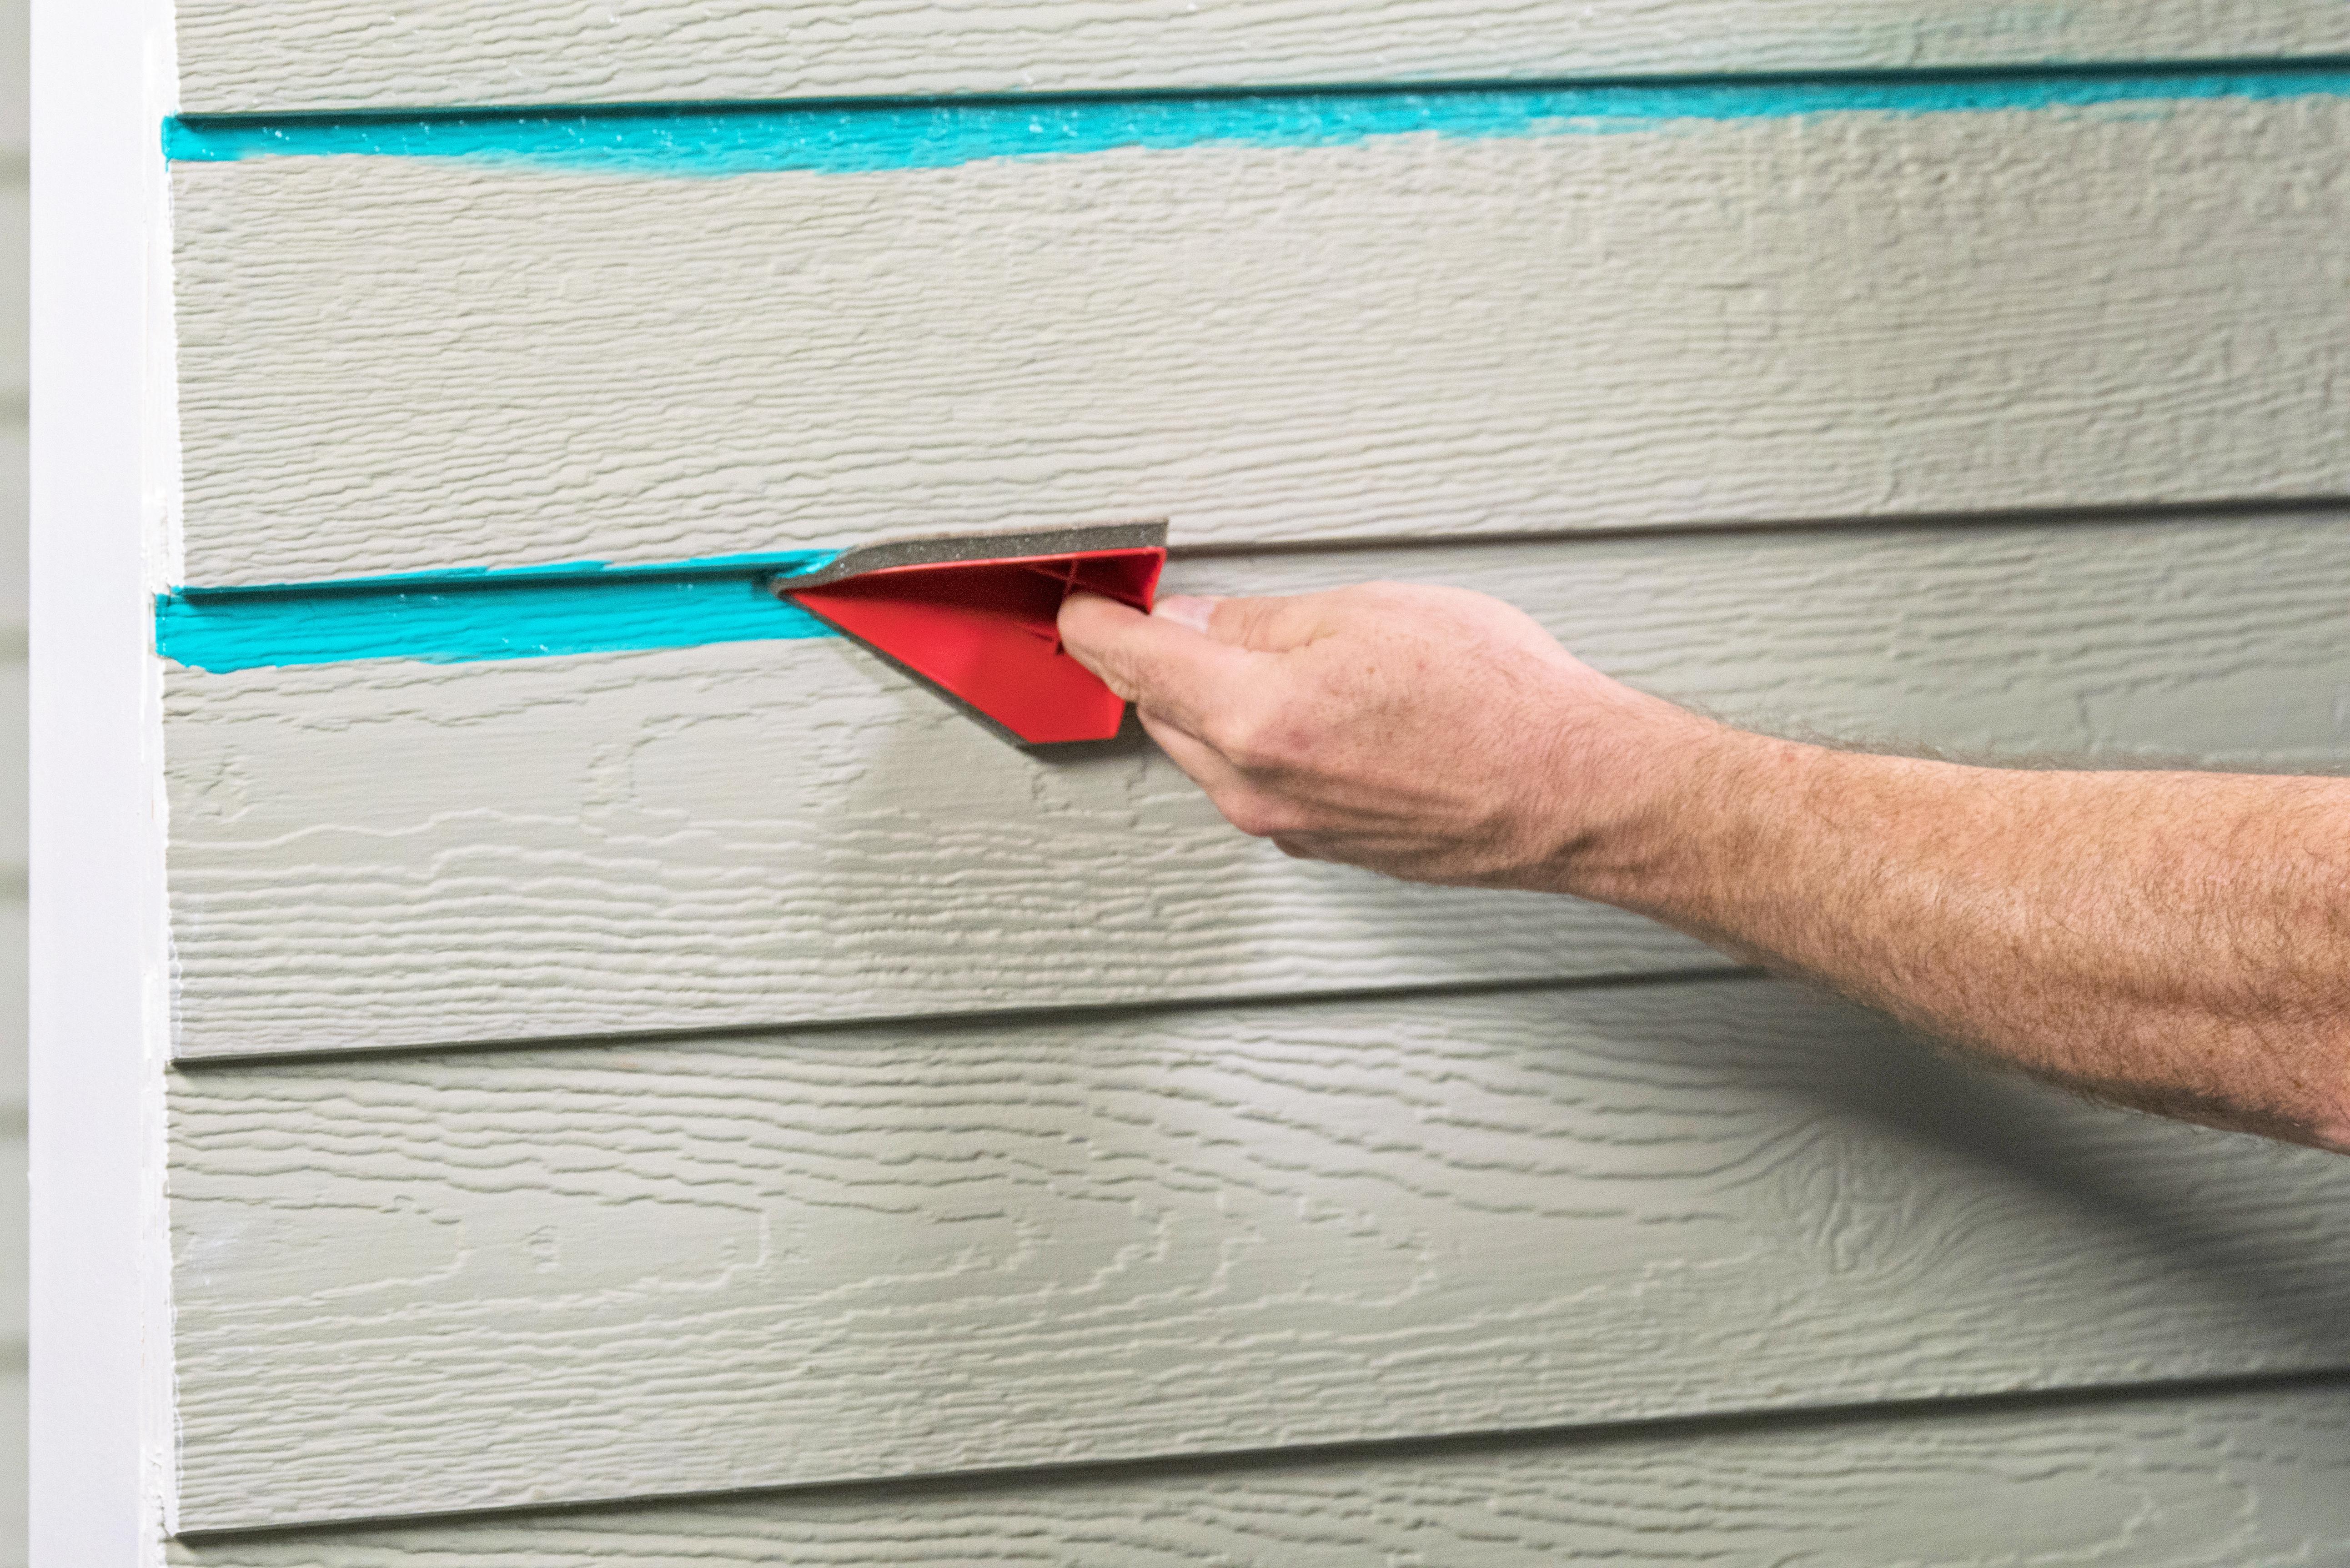 Набор для покраски потолка и стен Top Shop «Мастер краски 5 в 1» 7